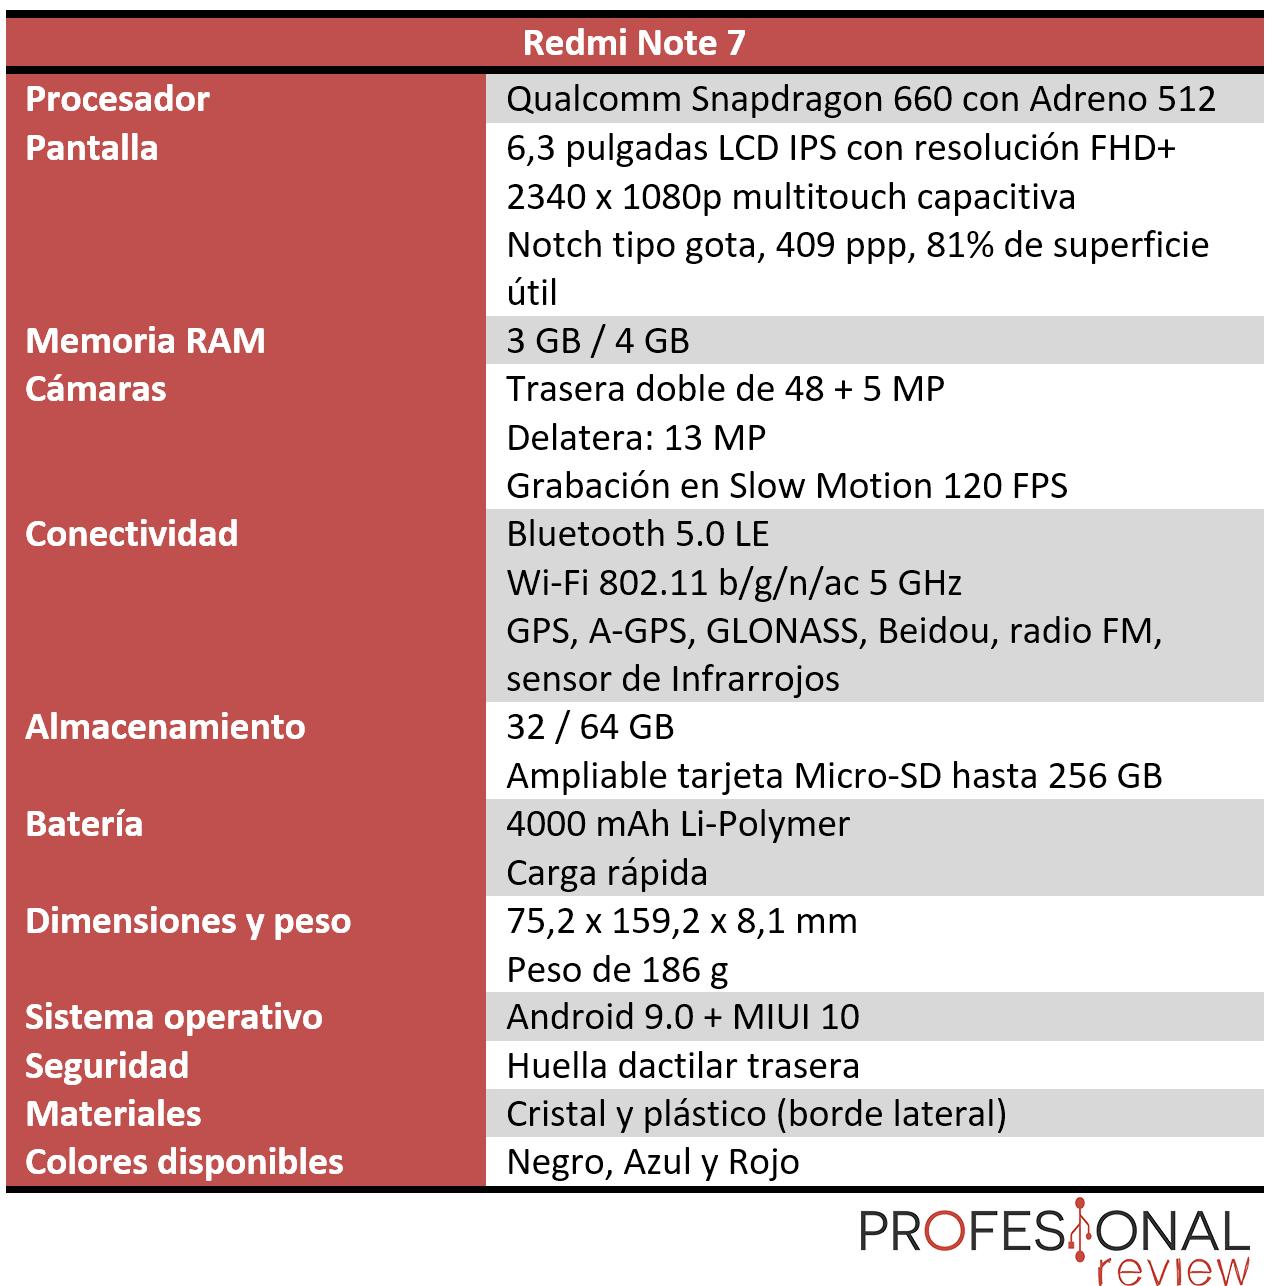 Redmi Note 7 Características